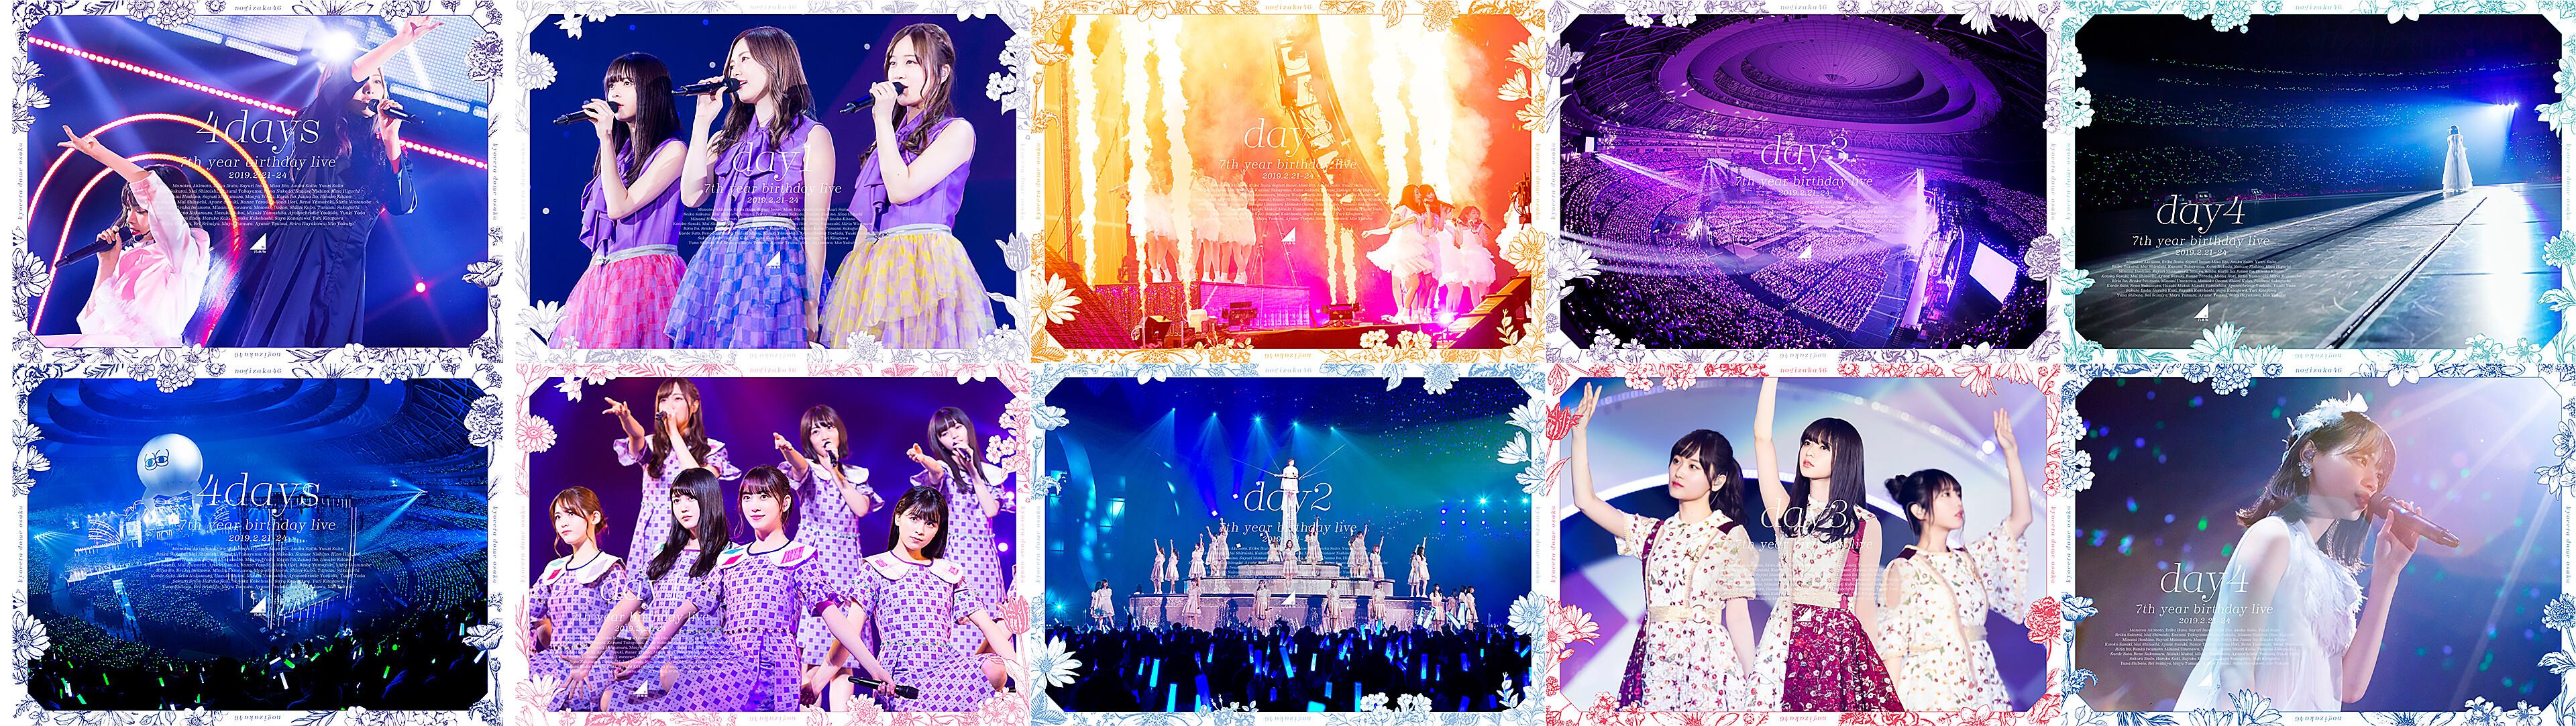 乃木坂46 7th YEAR BIRTHDAY